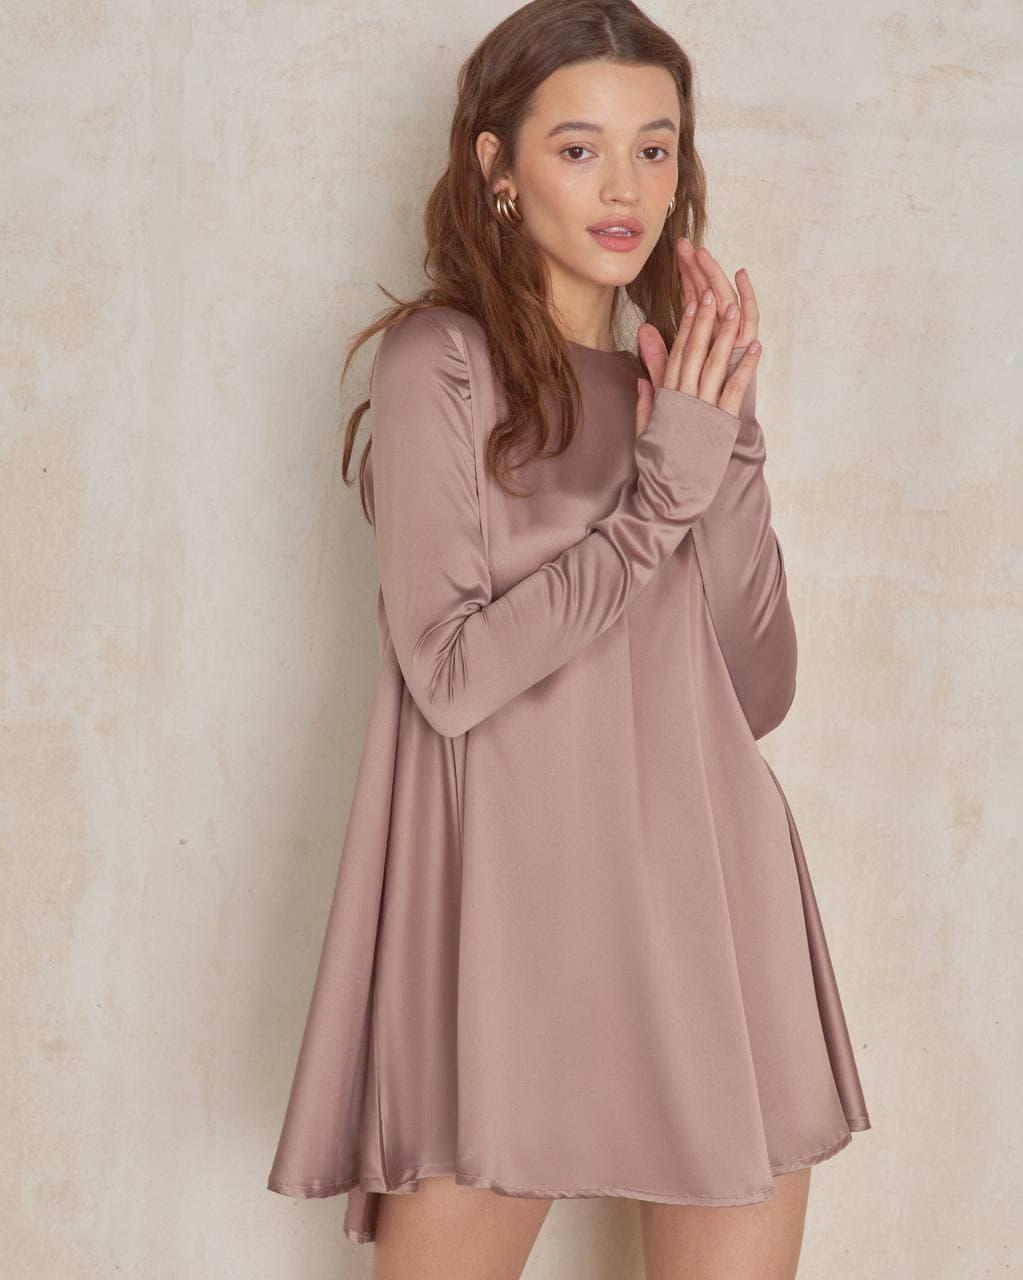 Платье женское мини свободного кроя AniTi 618, бежевый